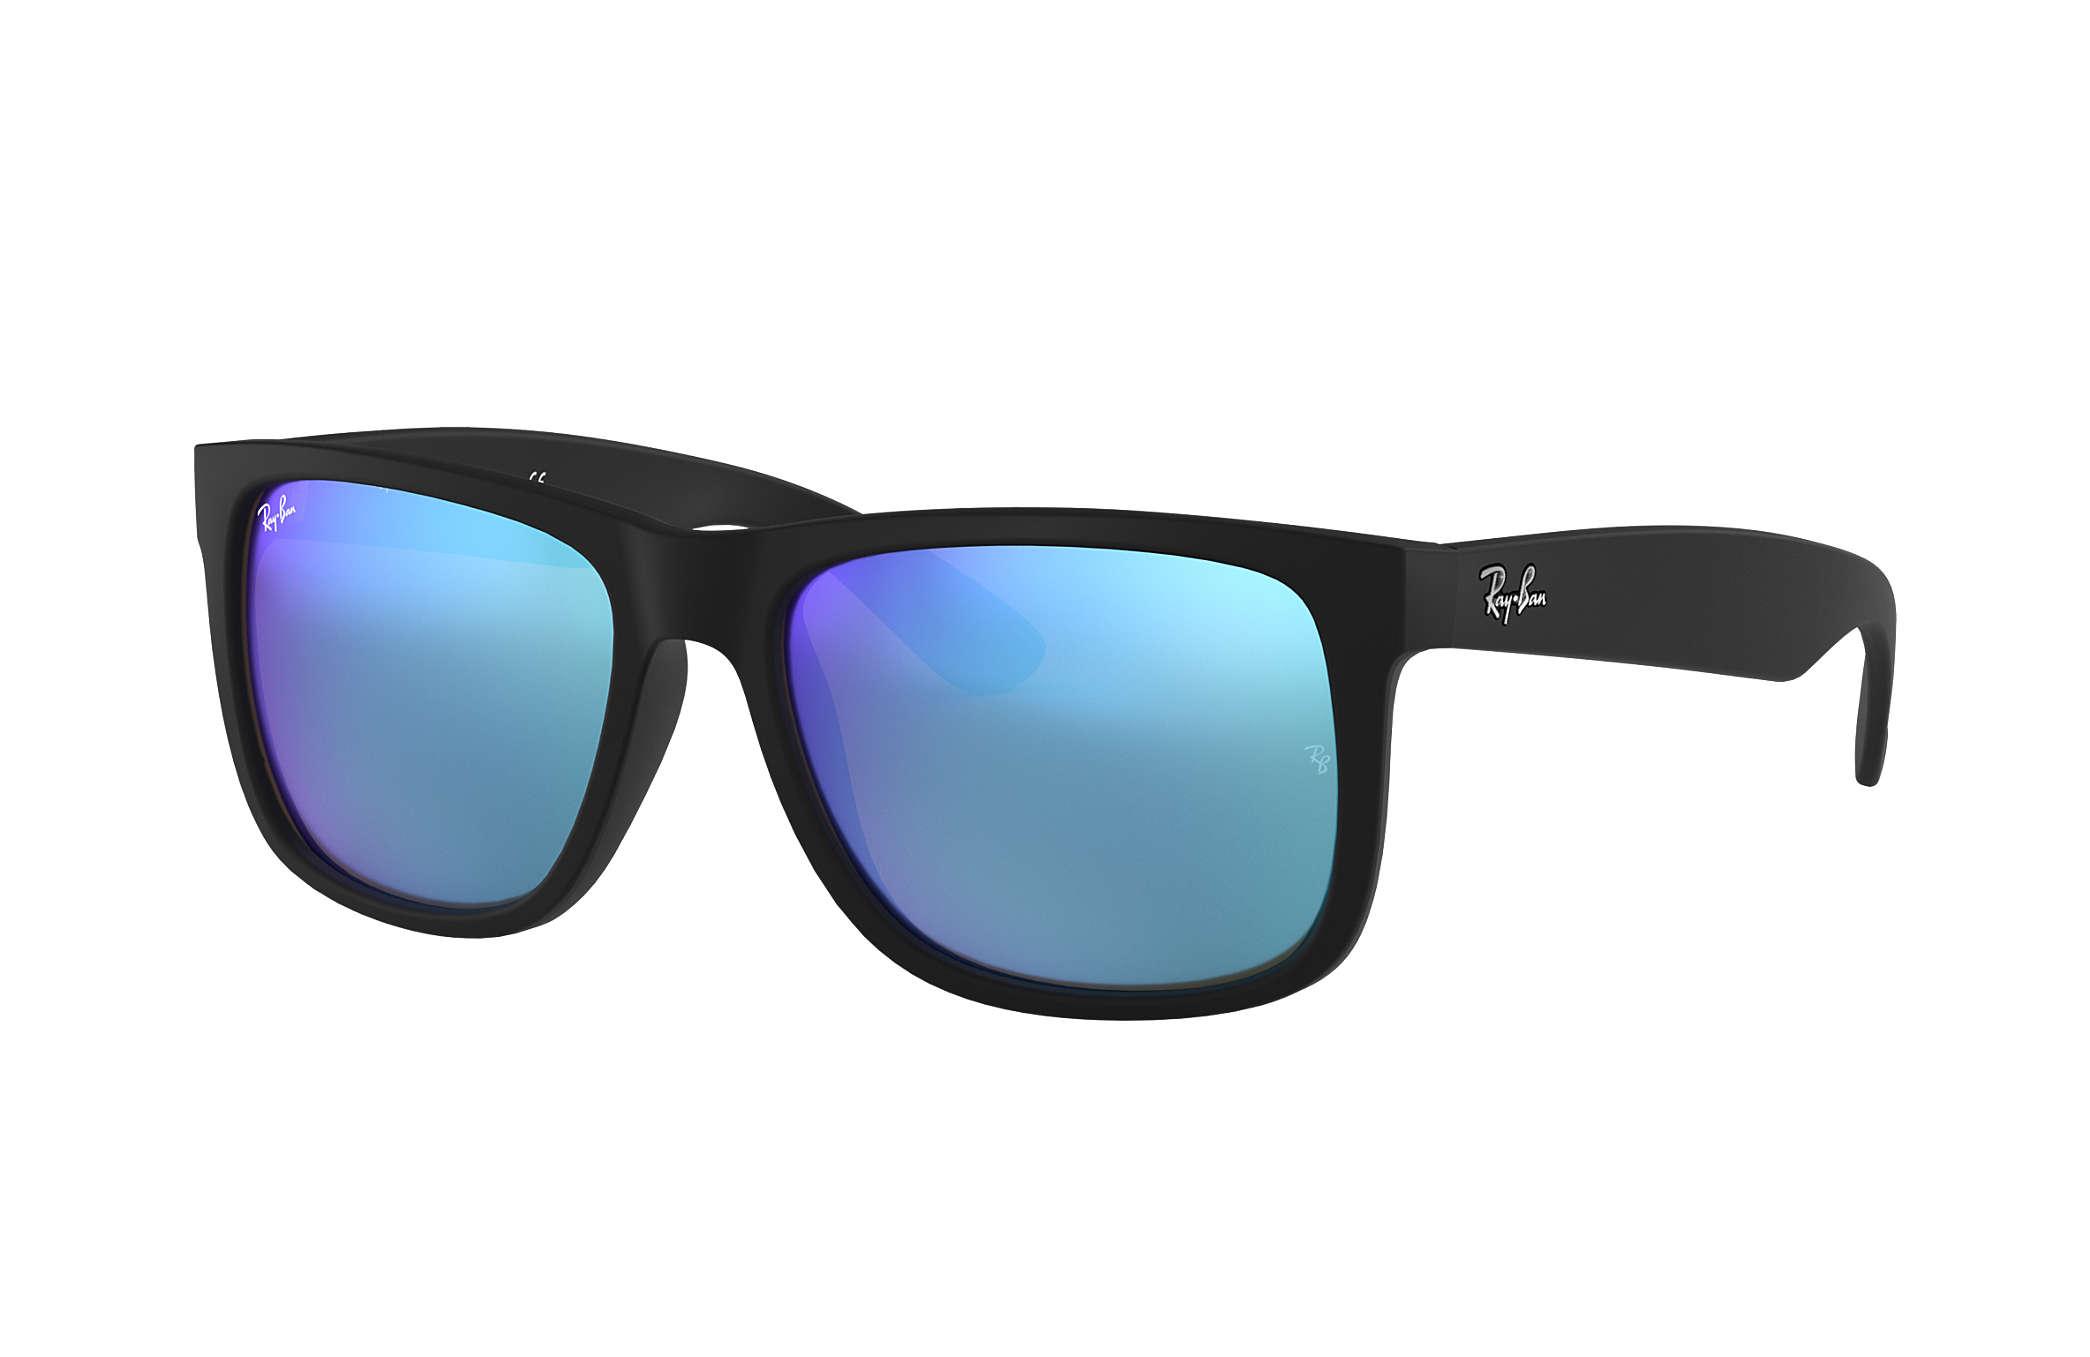 f17b121b87 Ray-Ban Justin Color Mix RB4165F Black - Nylon - Blue Lenses ...